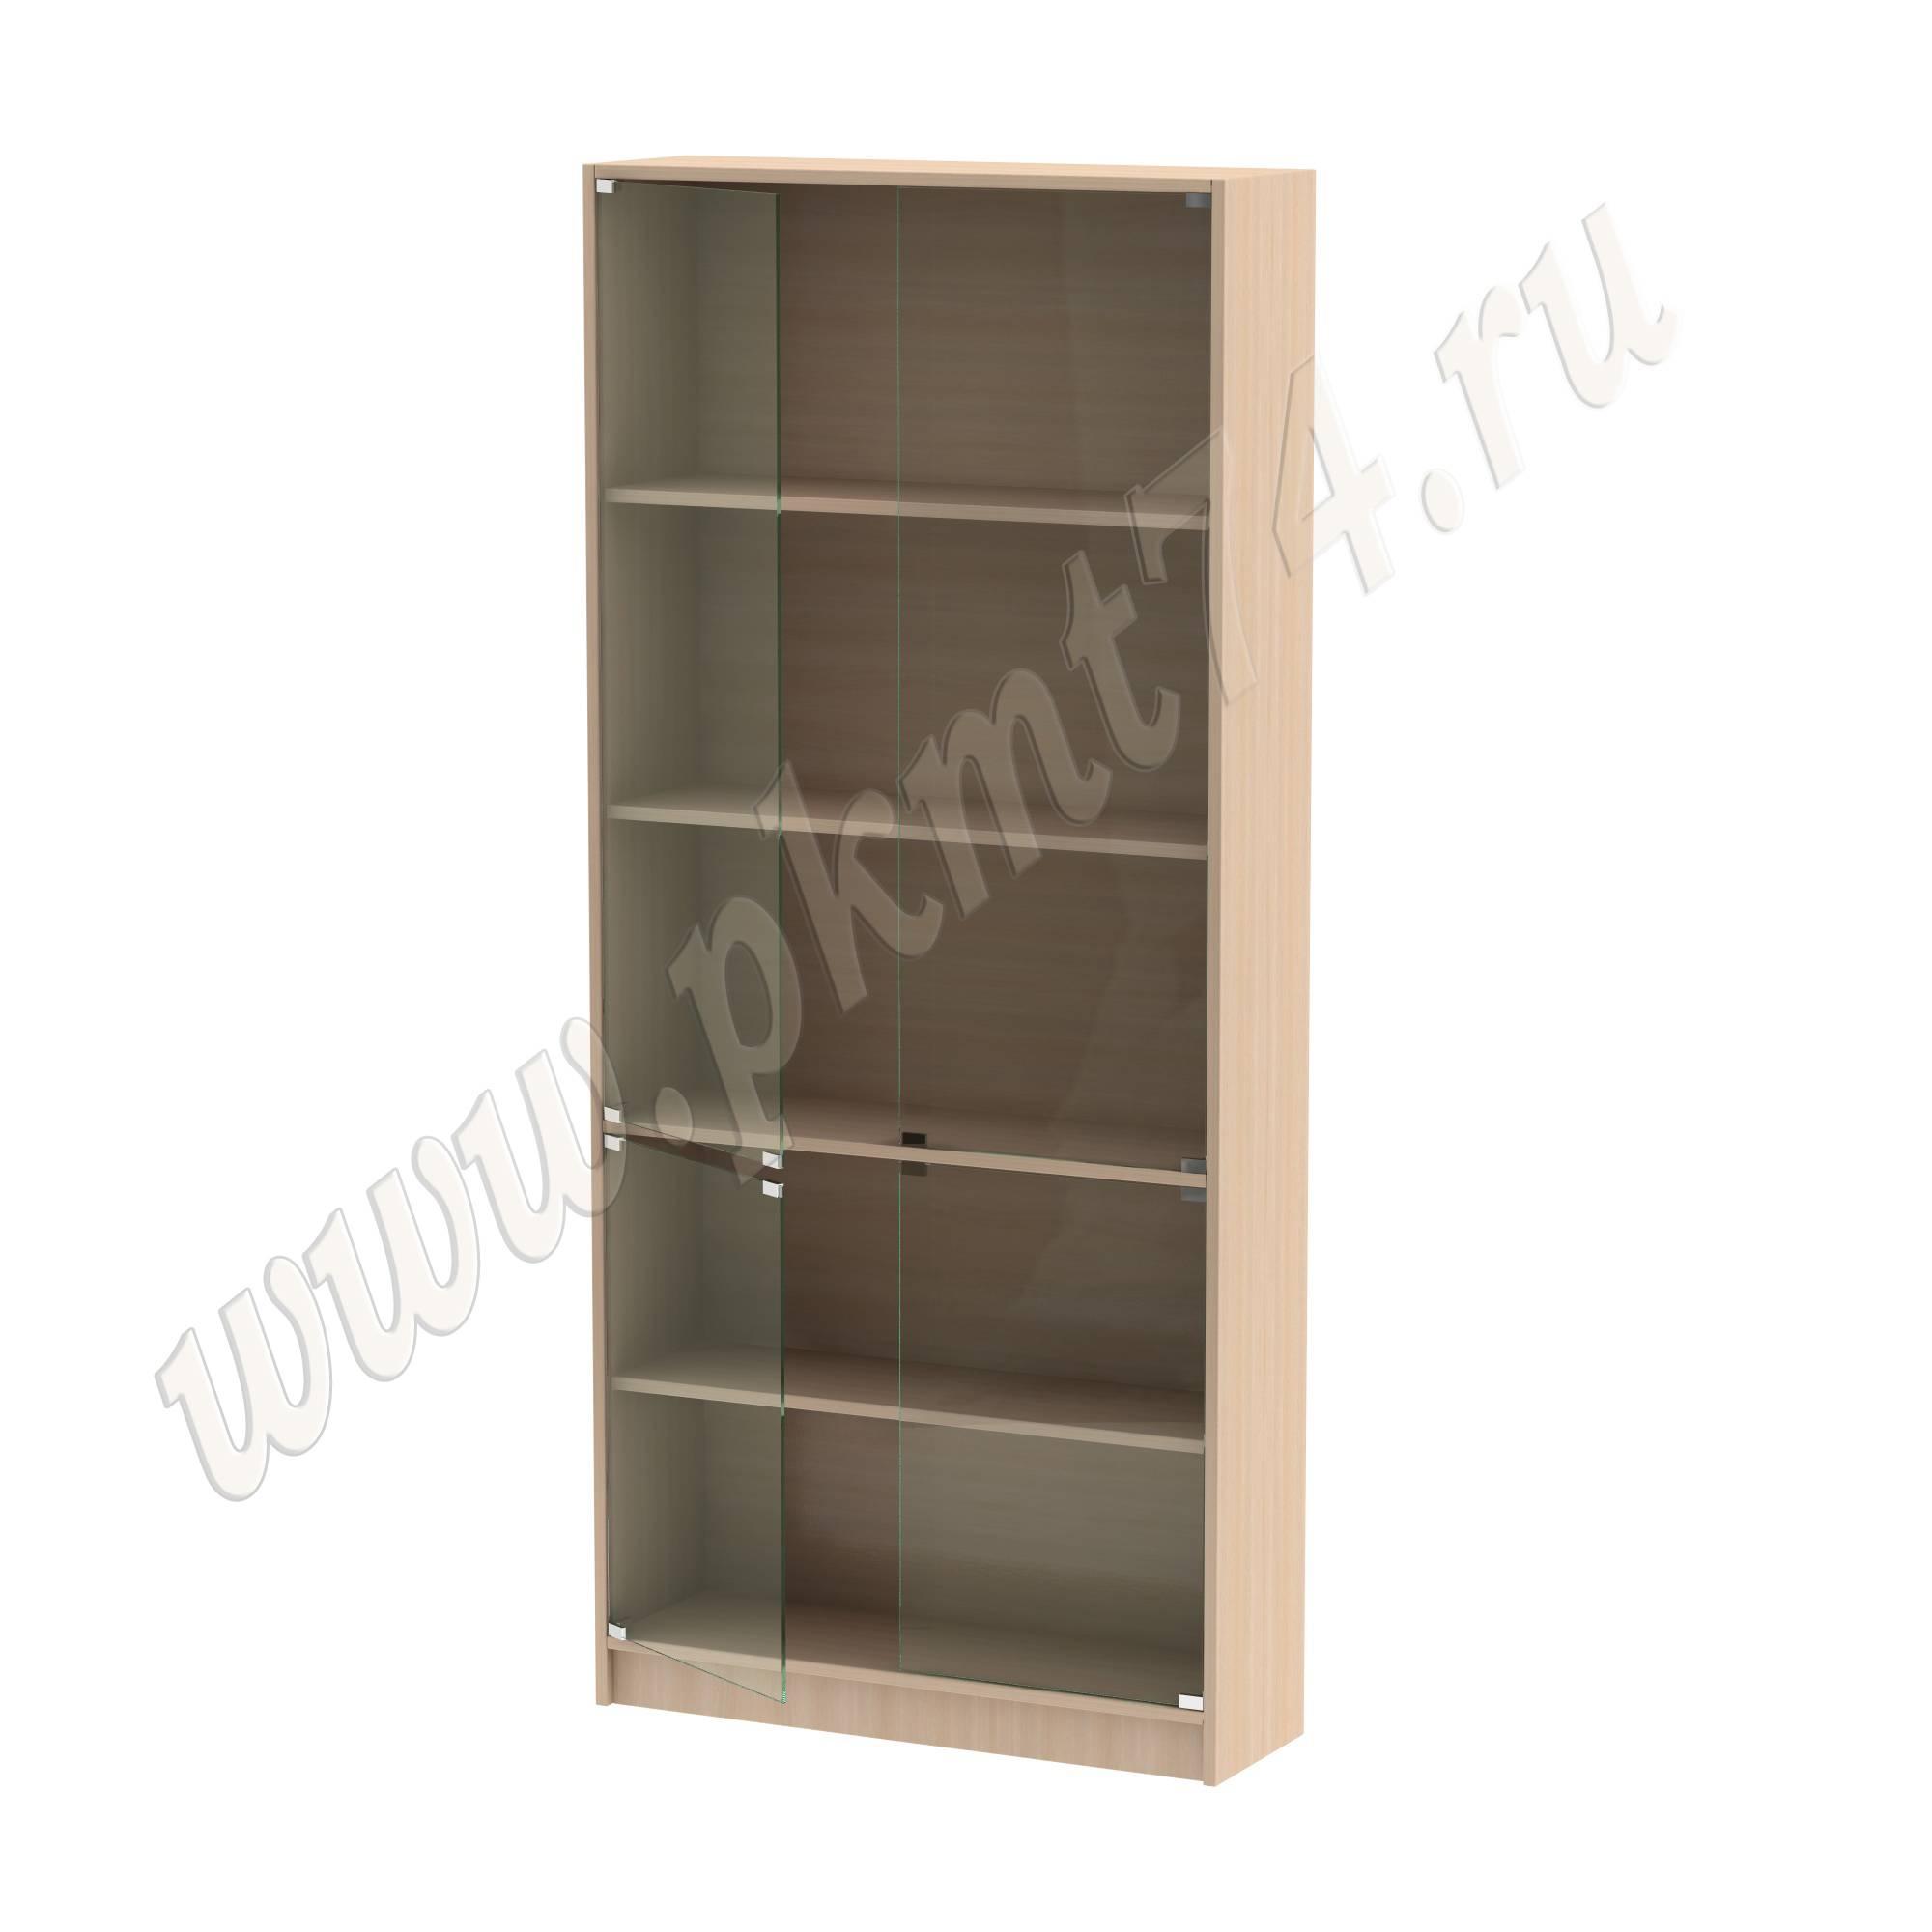 Шкаф витринный со стеклянными дверцами [Цвет ЛДСП:: дуб Молочный]